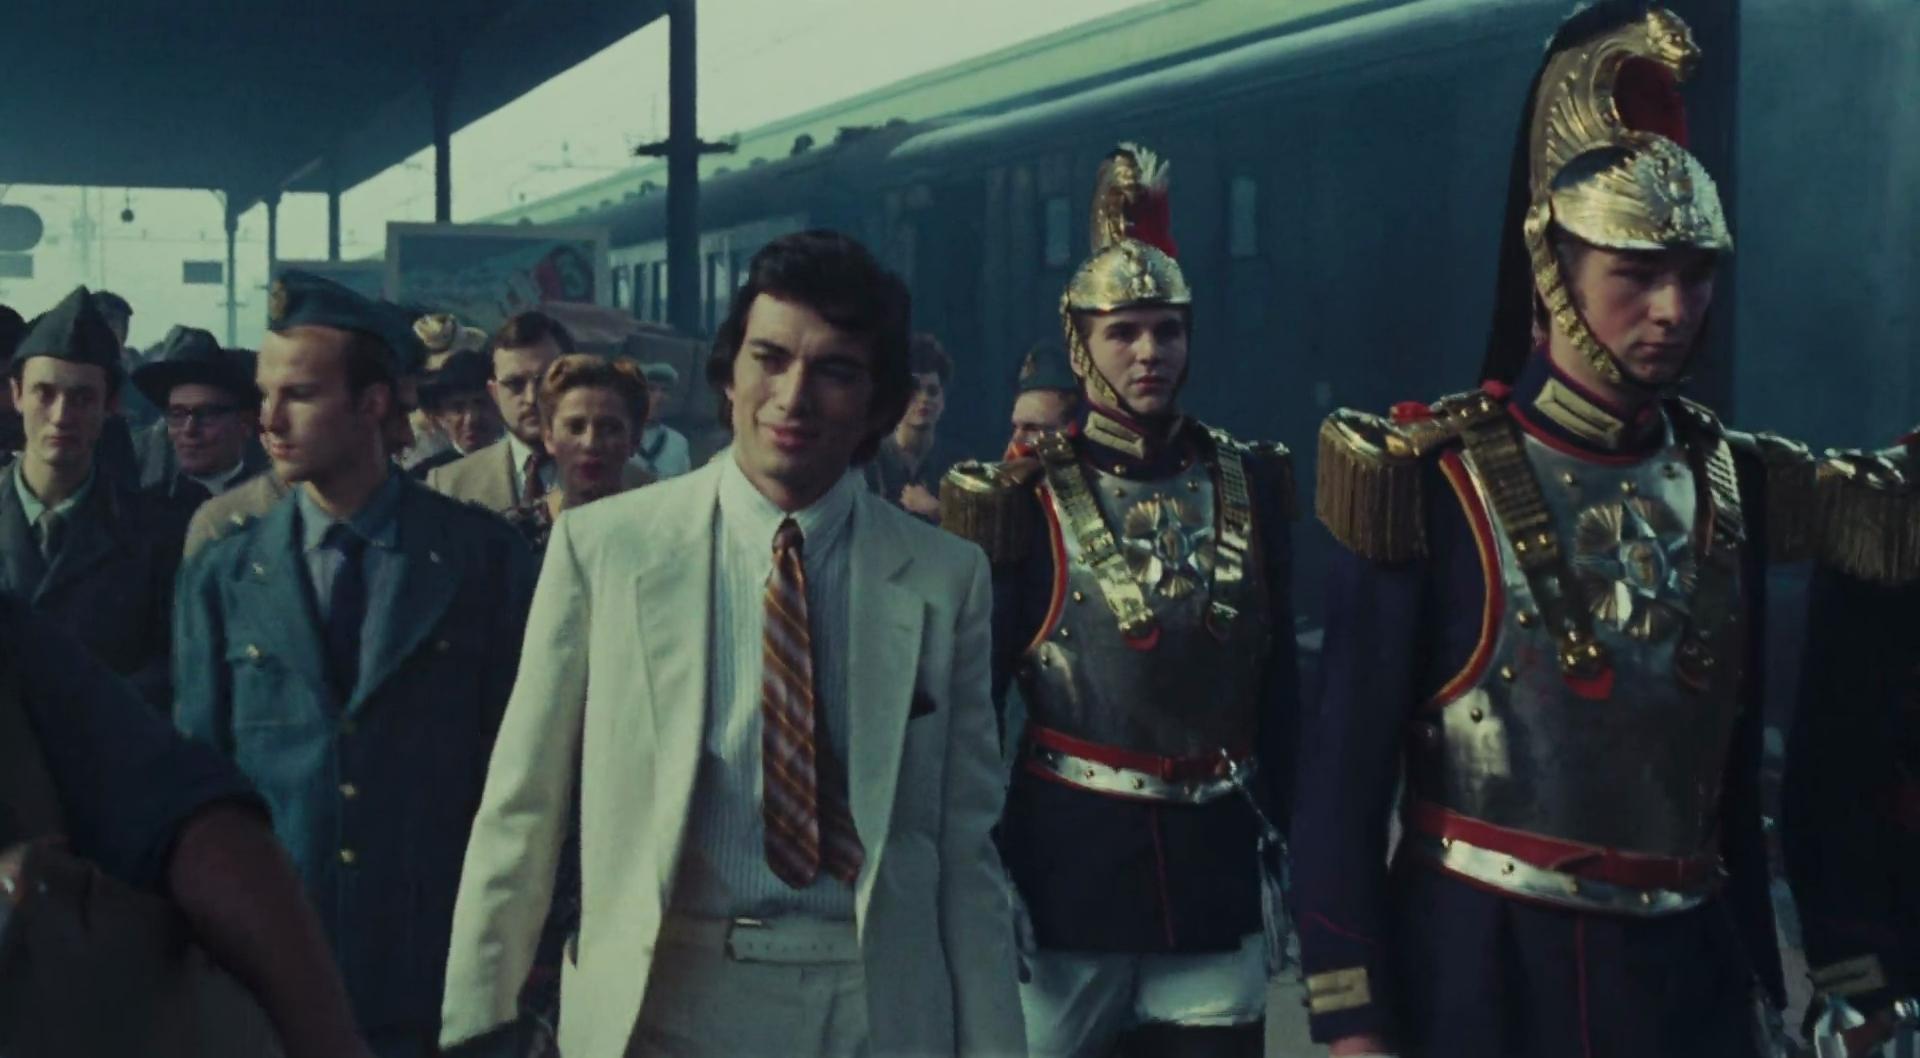 Roma film still 1